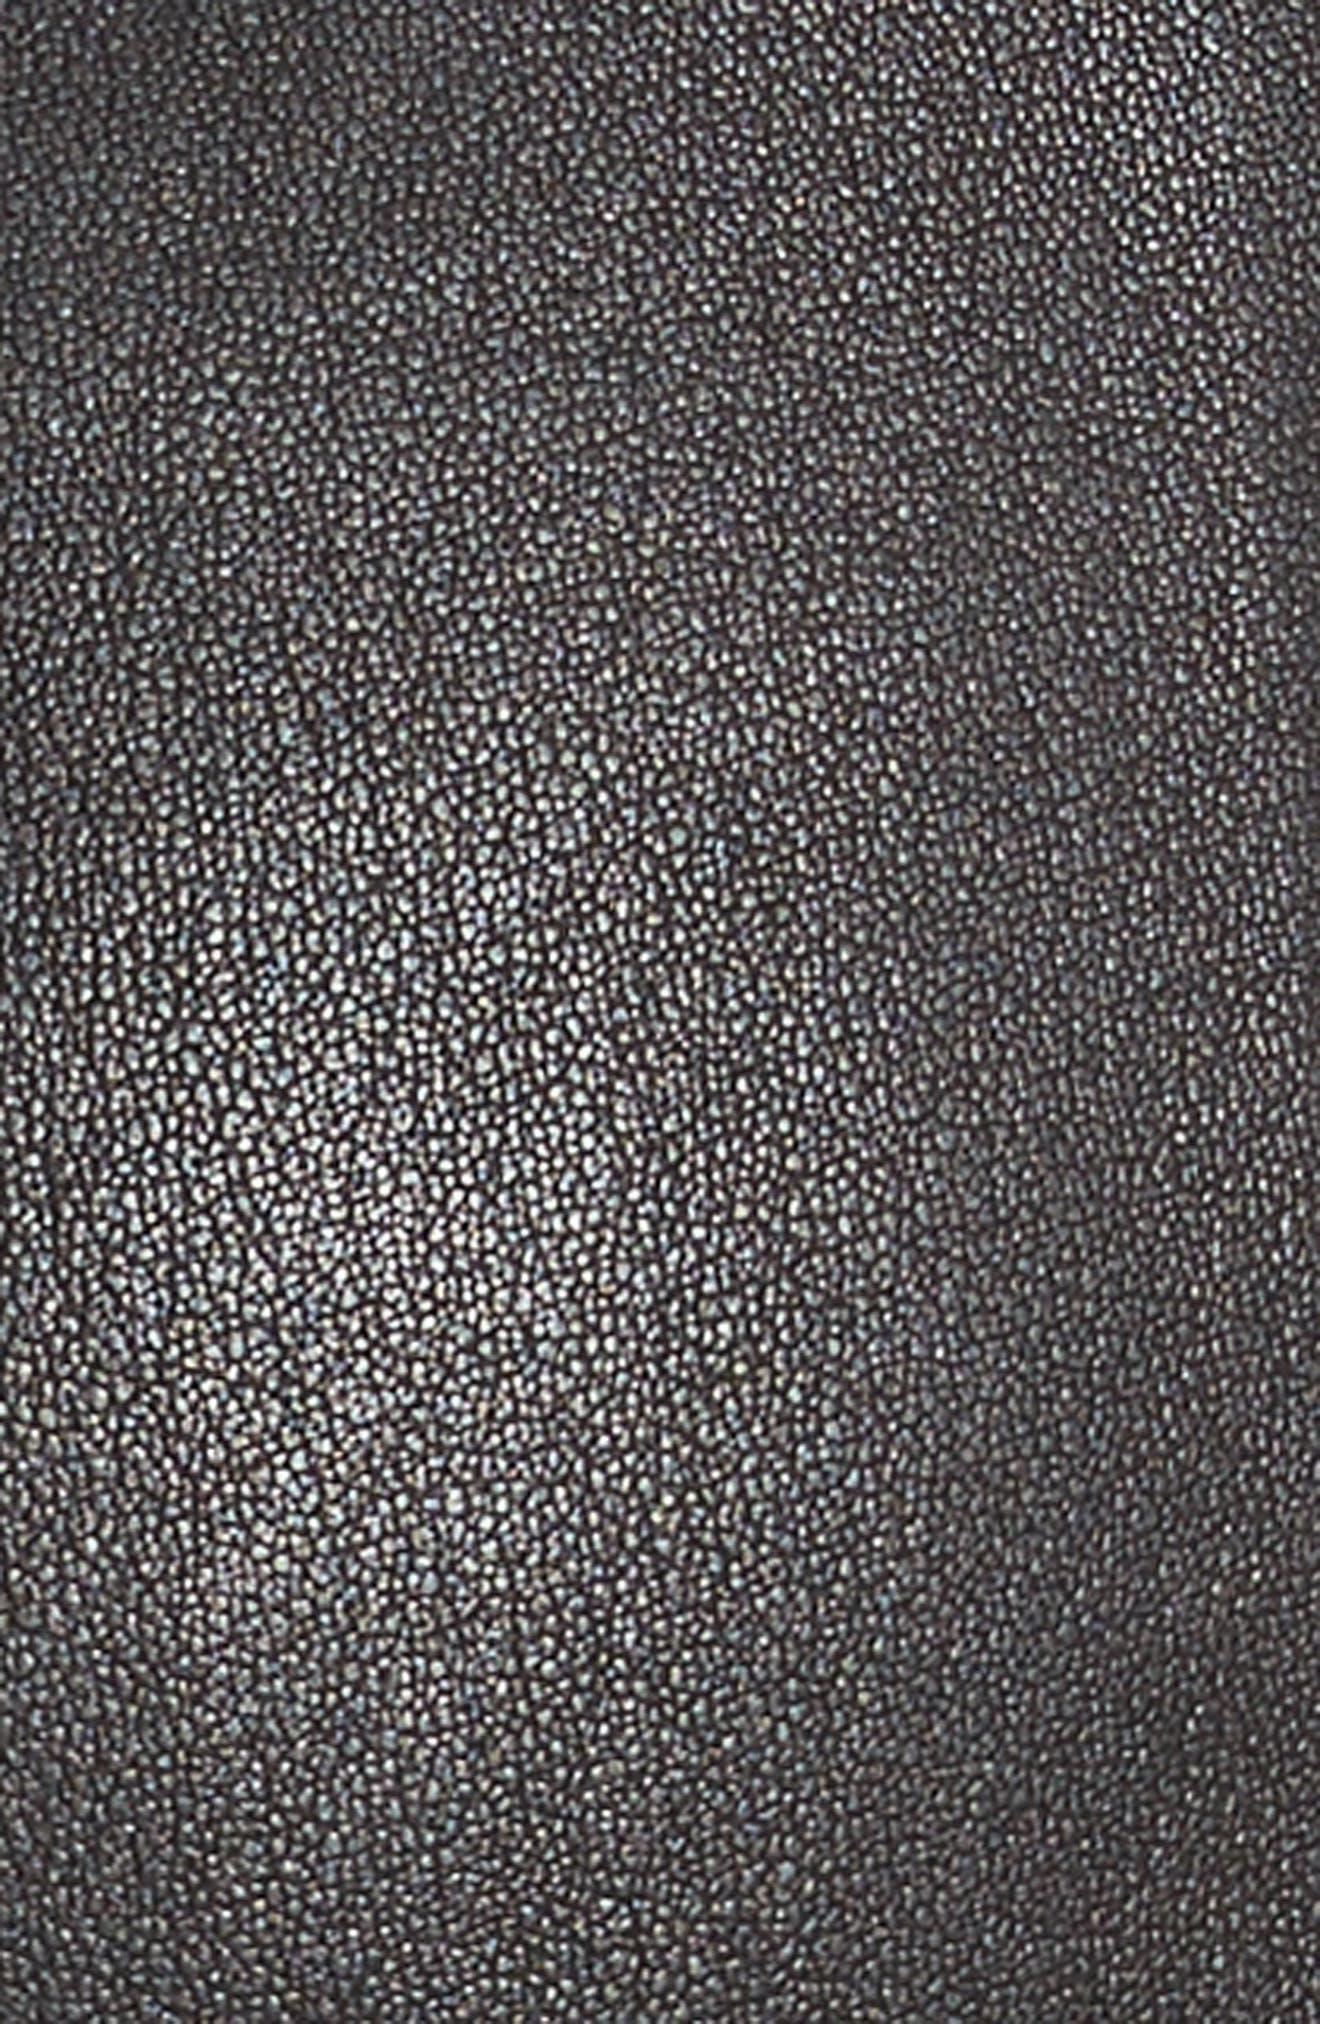 Alternate Image 5  - A.L.C. Delia Lace Up Leather Pants